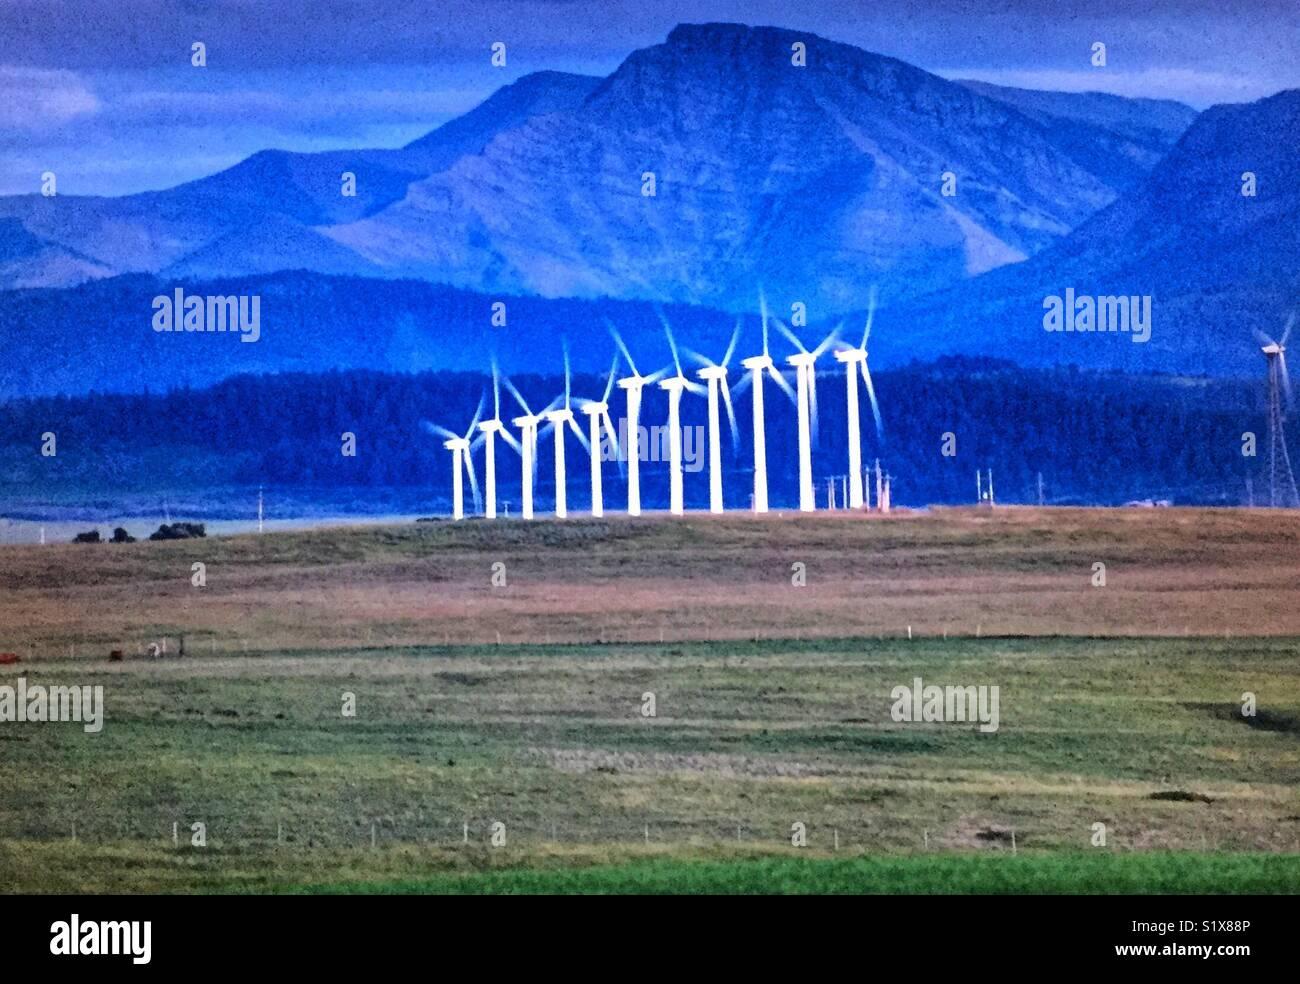 Wind farm in Alberta, Canada - Stock Image